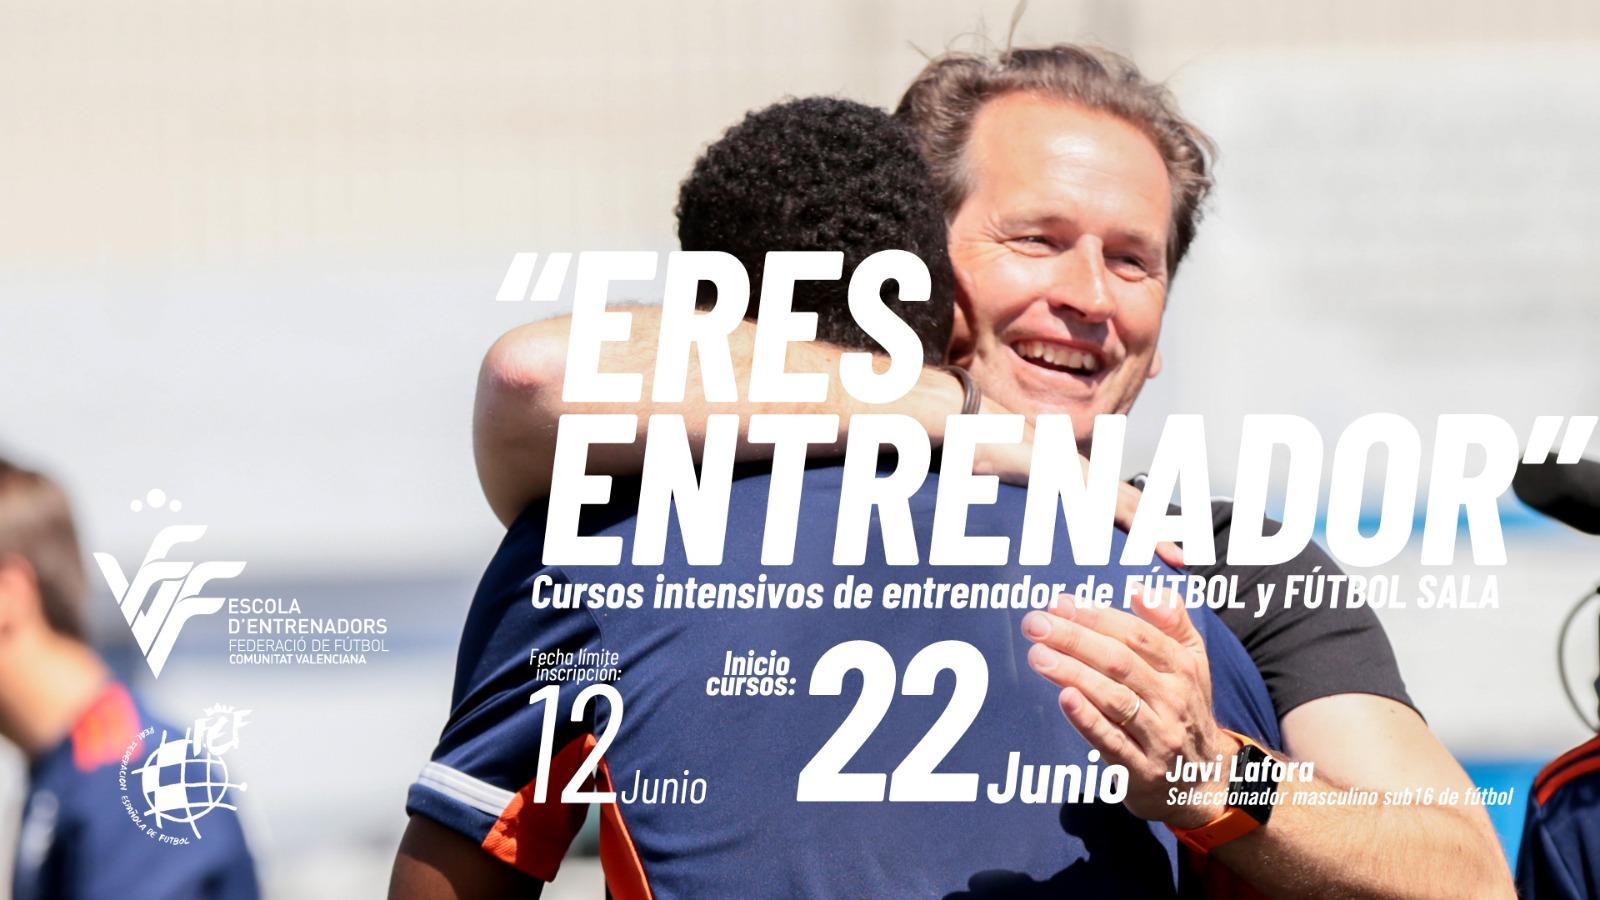 Campaña 'Eres entrenador' Javier Lafora